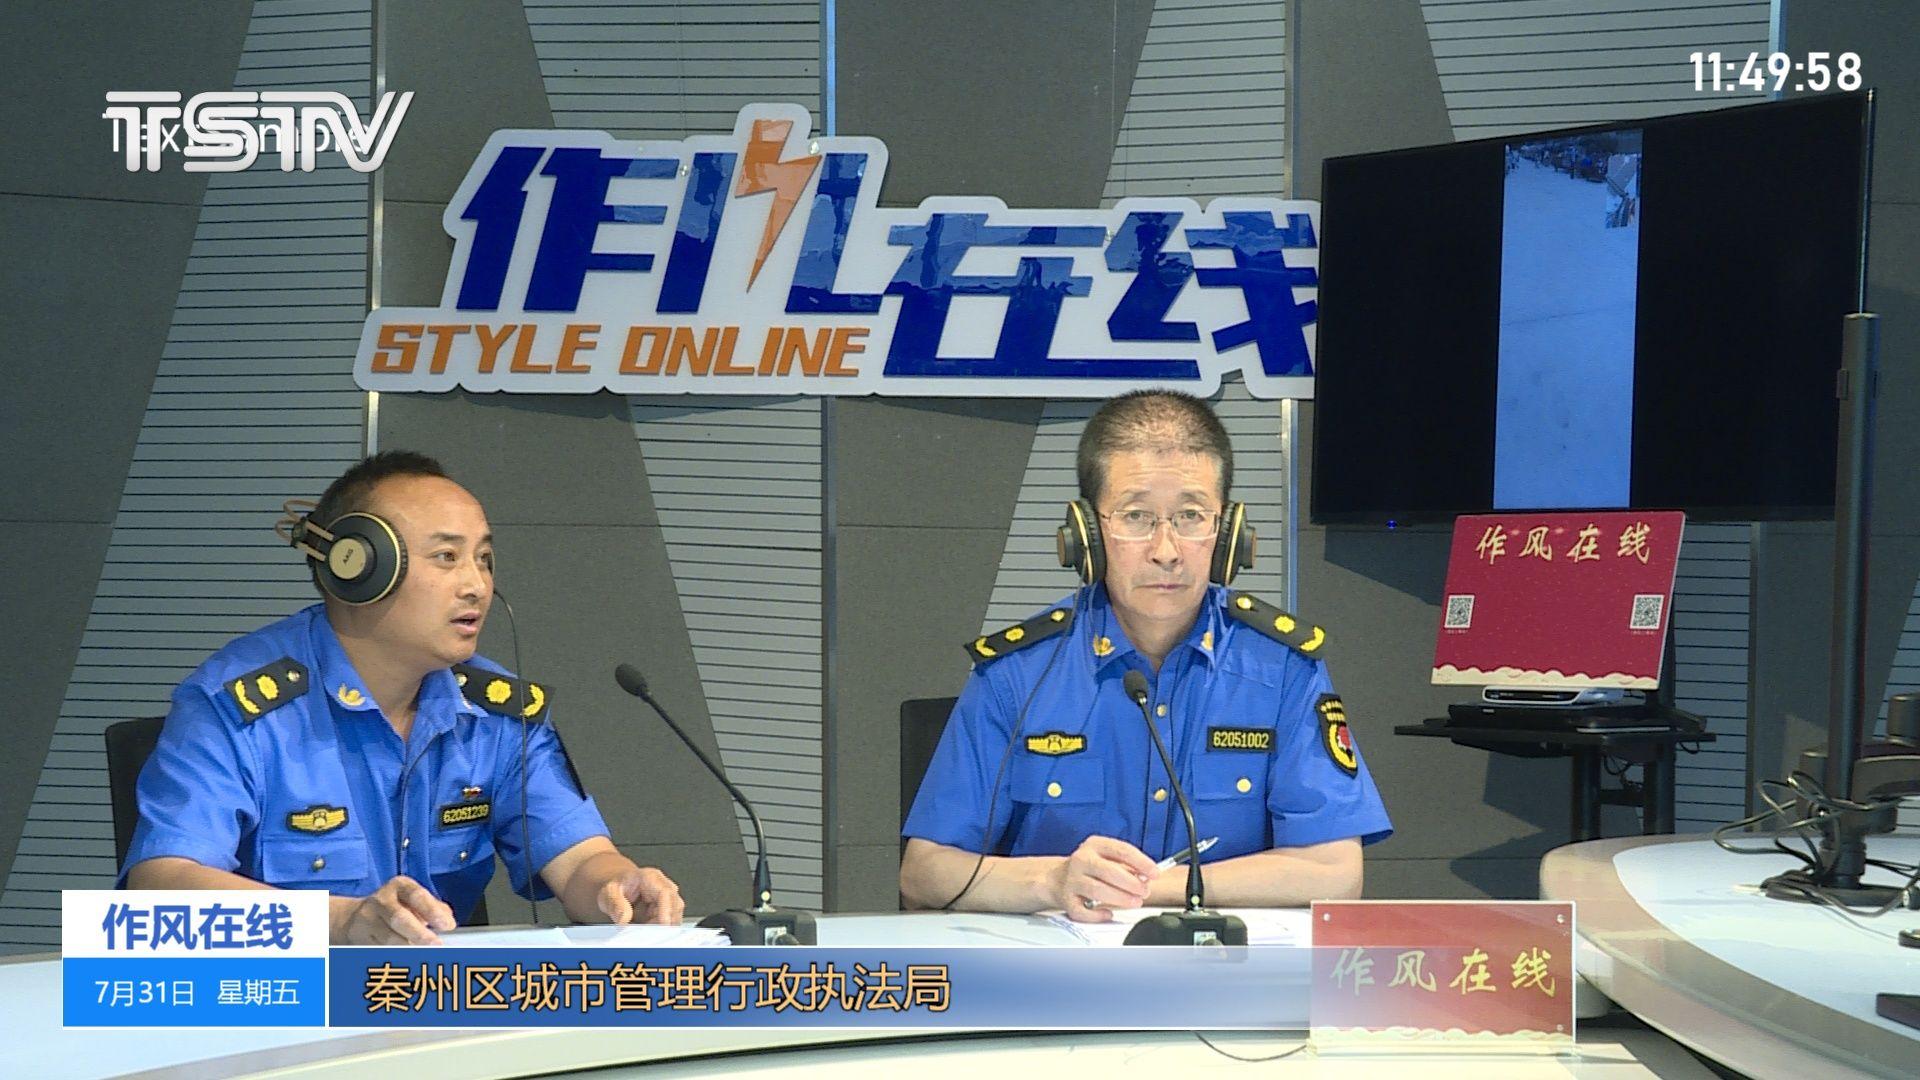 7月31日秦州区城市管理行政执法局上线